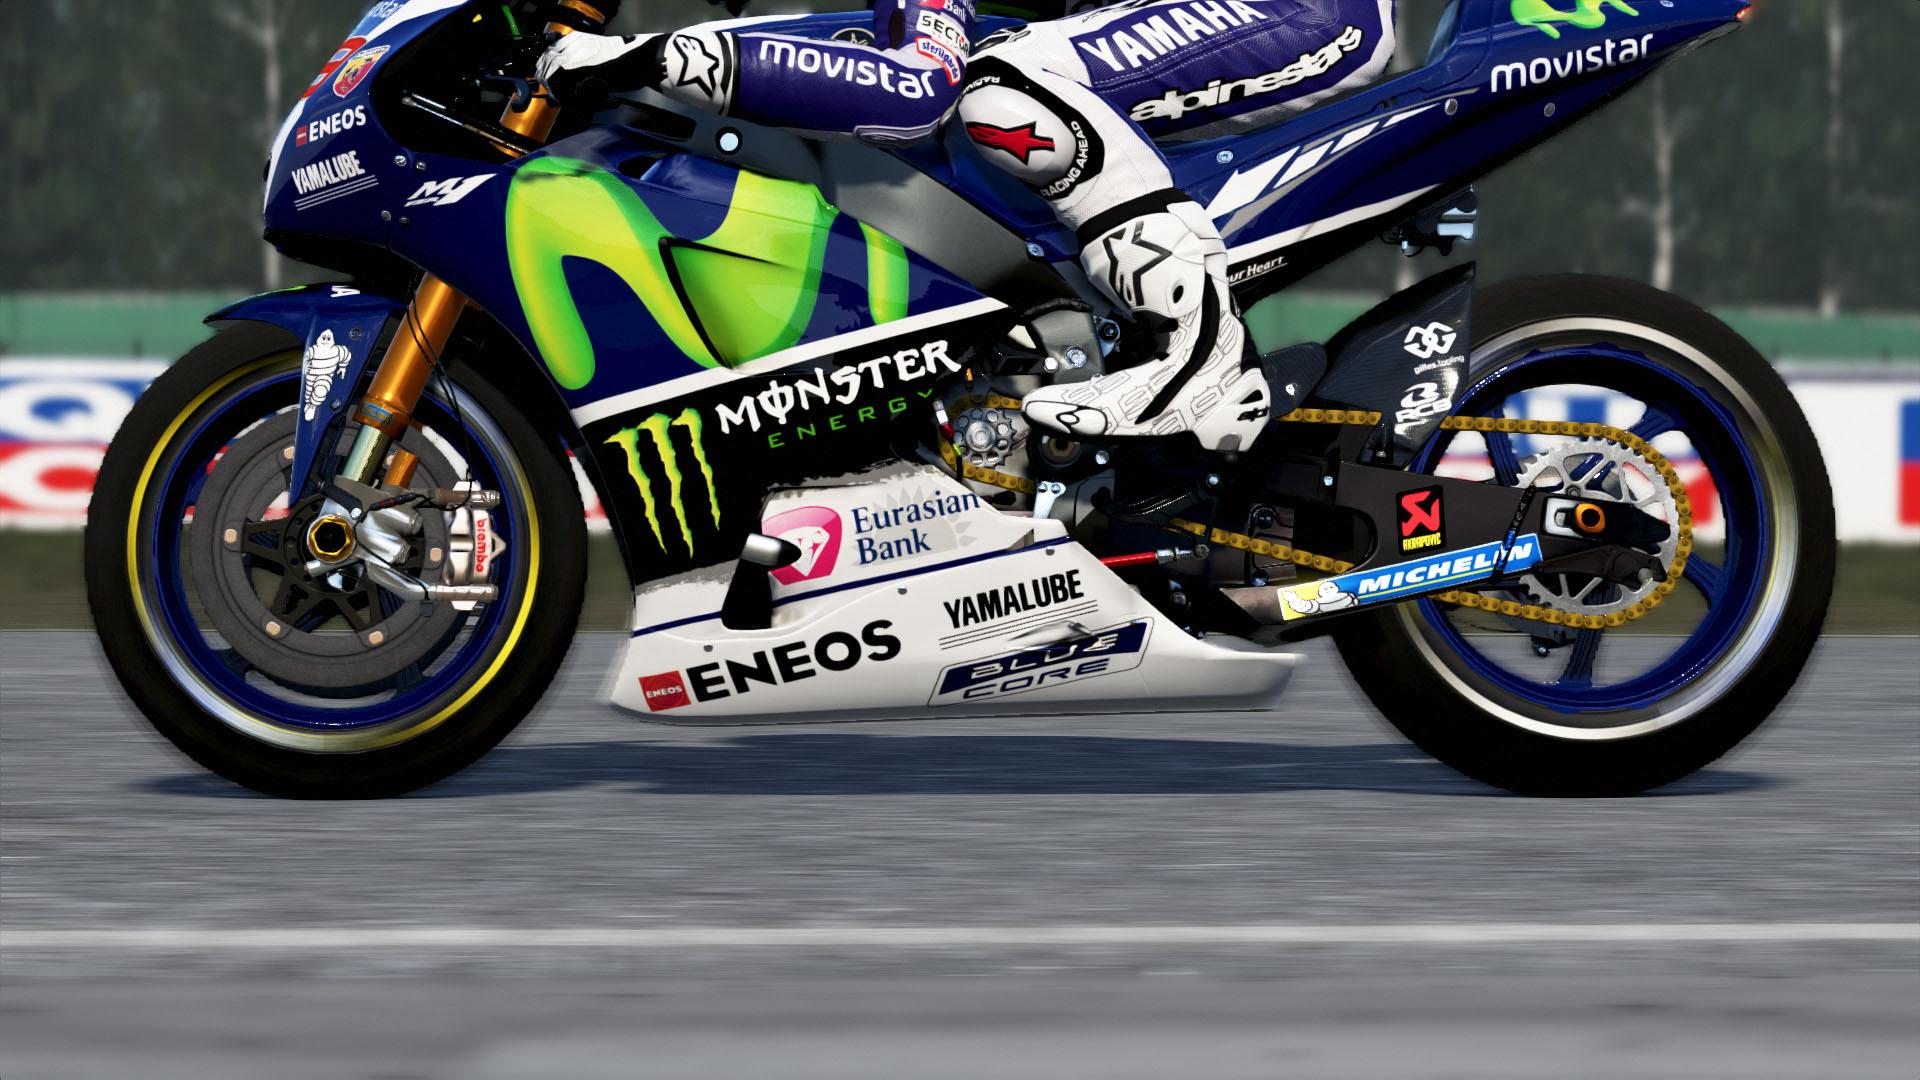 MotoGP15X64 2016-03-21 12-52-12-22.jpg